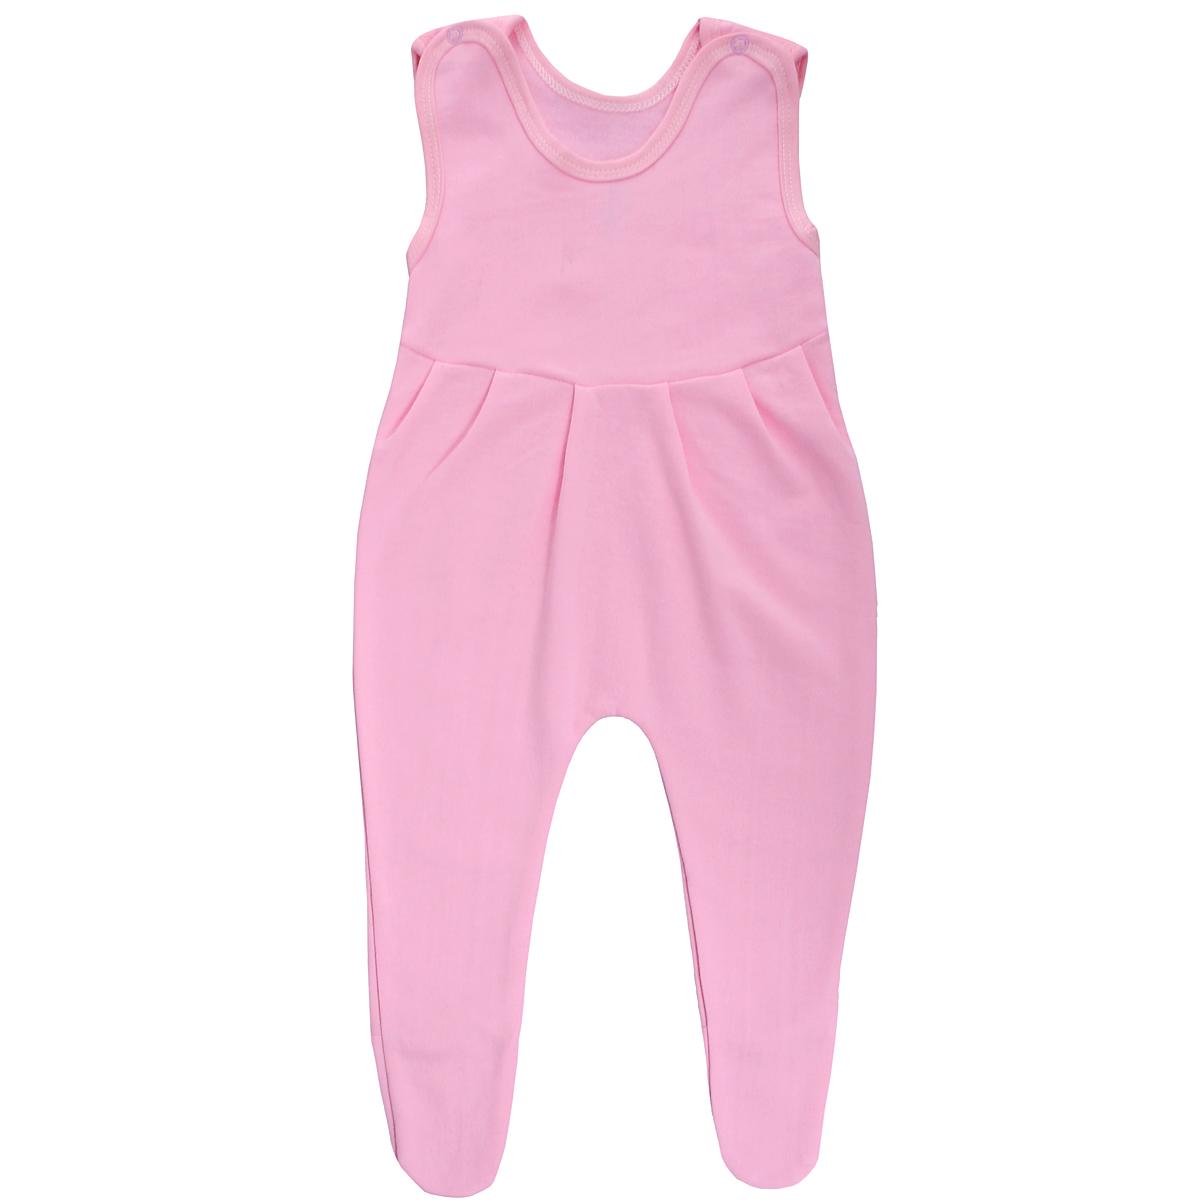 Ползунки с грудкой Трон-плюс, цвет: розовый. 5221. Размер 62, 3 месяца5221Ползунки с грудкой Трон-плюс - очень удобный и практичный вид одежды для малышей. Ползунки выполнены из футера - натурального хлопка, благодаря чему они необычайно мягкие, тепленькие и приятные на ощупь, не раздражают нежную кожу ребенка и хорошо вентилируются, а эластичные швы приятны телу младенца и не препятствуют его движениям. Ползунки с закрытыми ножками, застегивающиеся сверху на две кнопочки, идеально подойдут вашему ребенку, обеспечивая ему наибольший комфорт, подходят для ношения с подгузником и без него. От линии груди заложены складочки, придающие изделию оригинальность.Ползунки с грудкой полностью соответствуют особенностям жизни младенца в ранний период, не стесняя и не ограничивая его в движениях!